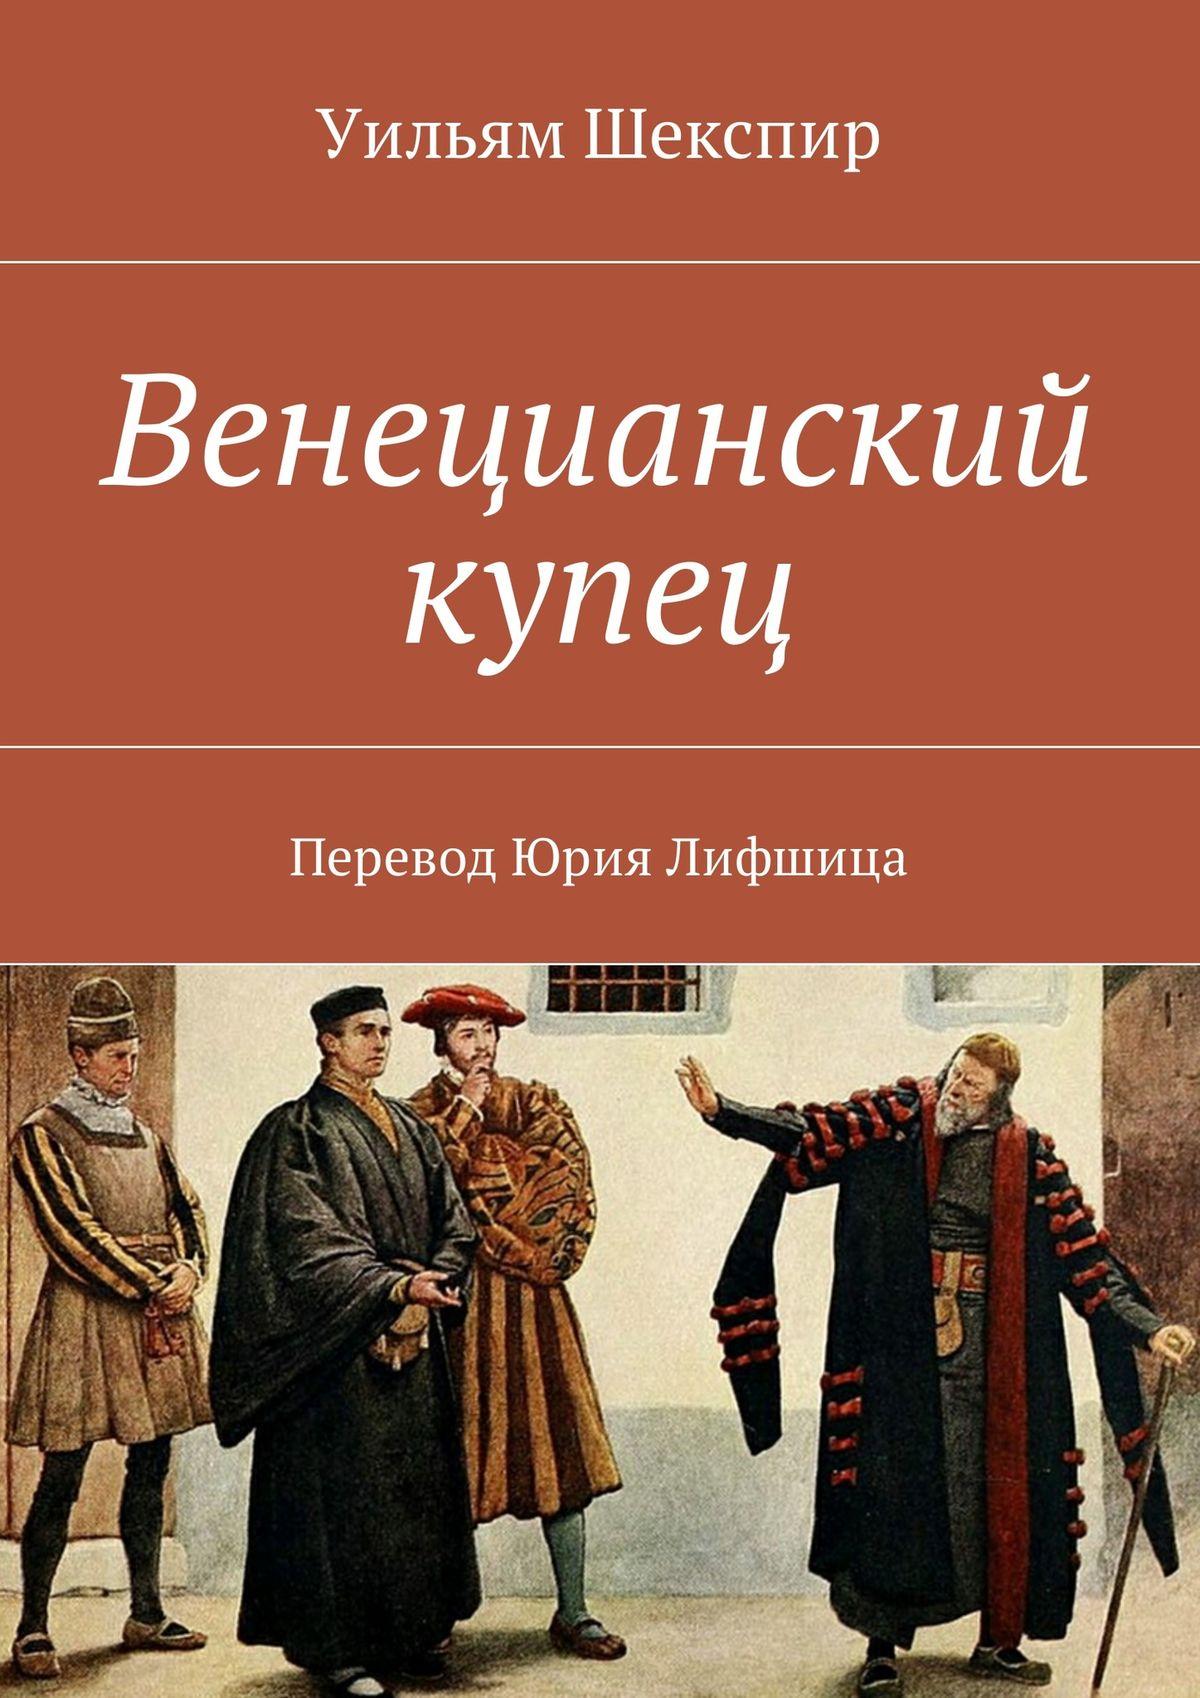 Уильям Шекспир Венецианский купец. Перевод Юрия Лифшица вильям шекспир как вам это понравится много шума из ничего двенадцатая ночь перевод юрия лифшица